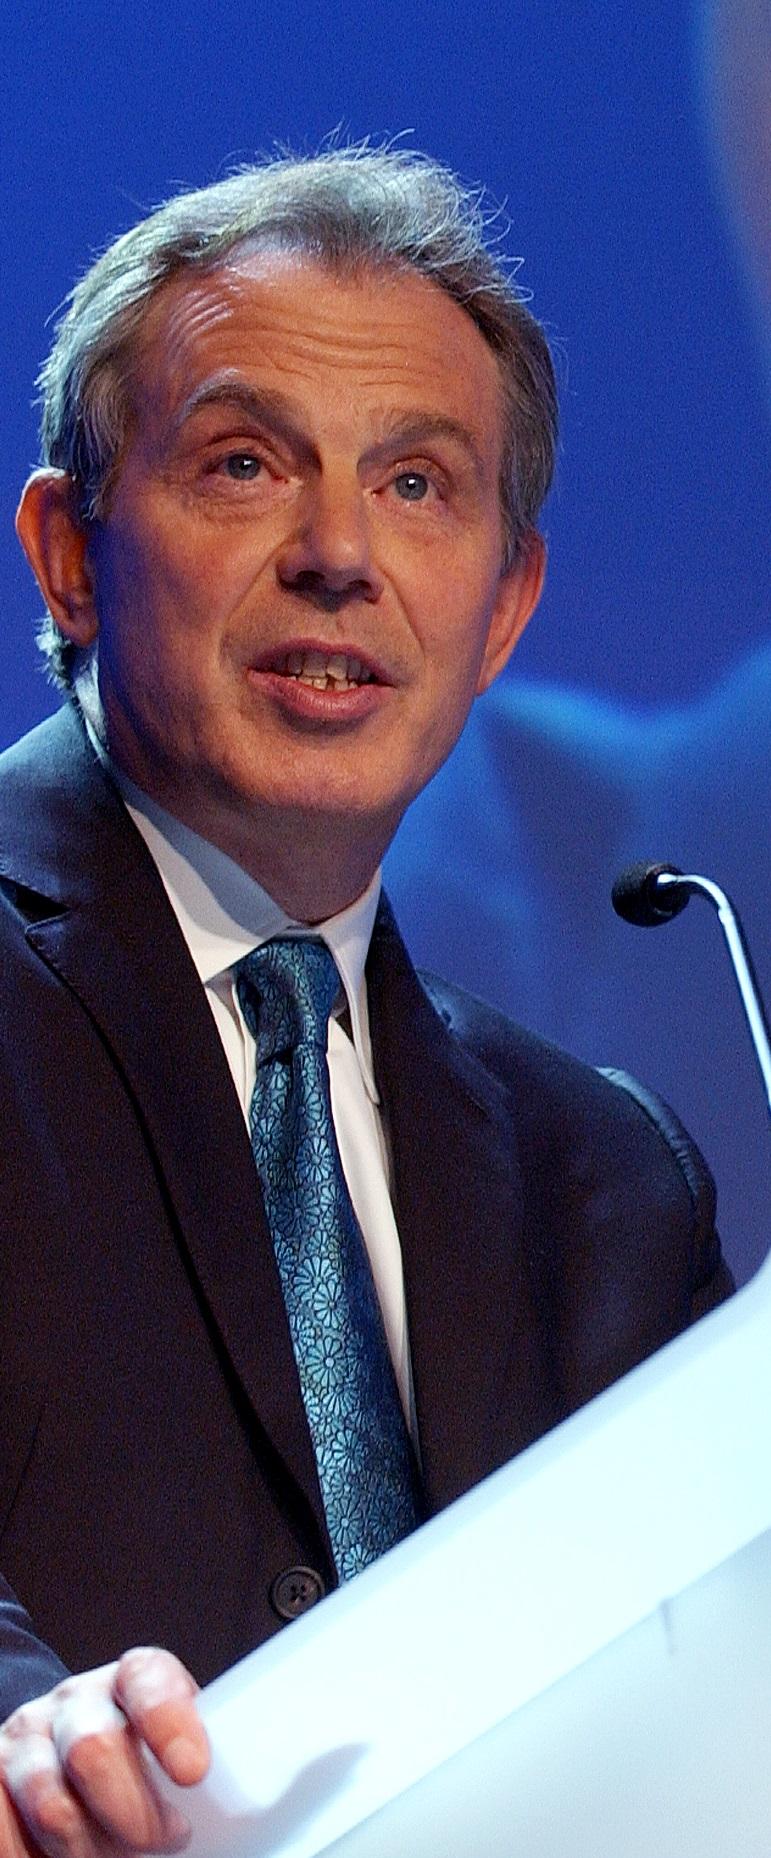 Ni derecha ni izquierda tradicionales: Tony Blair y la tercera vía.